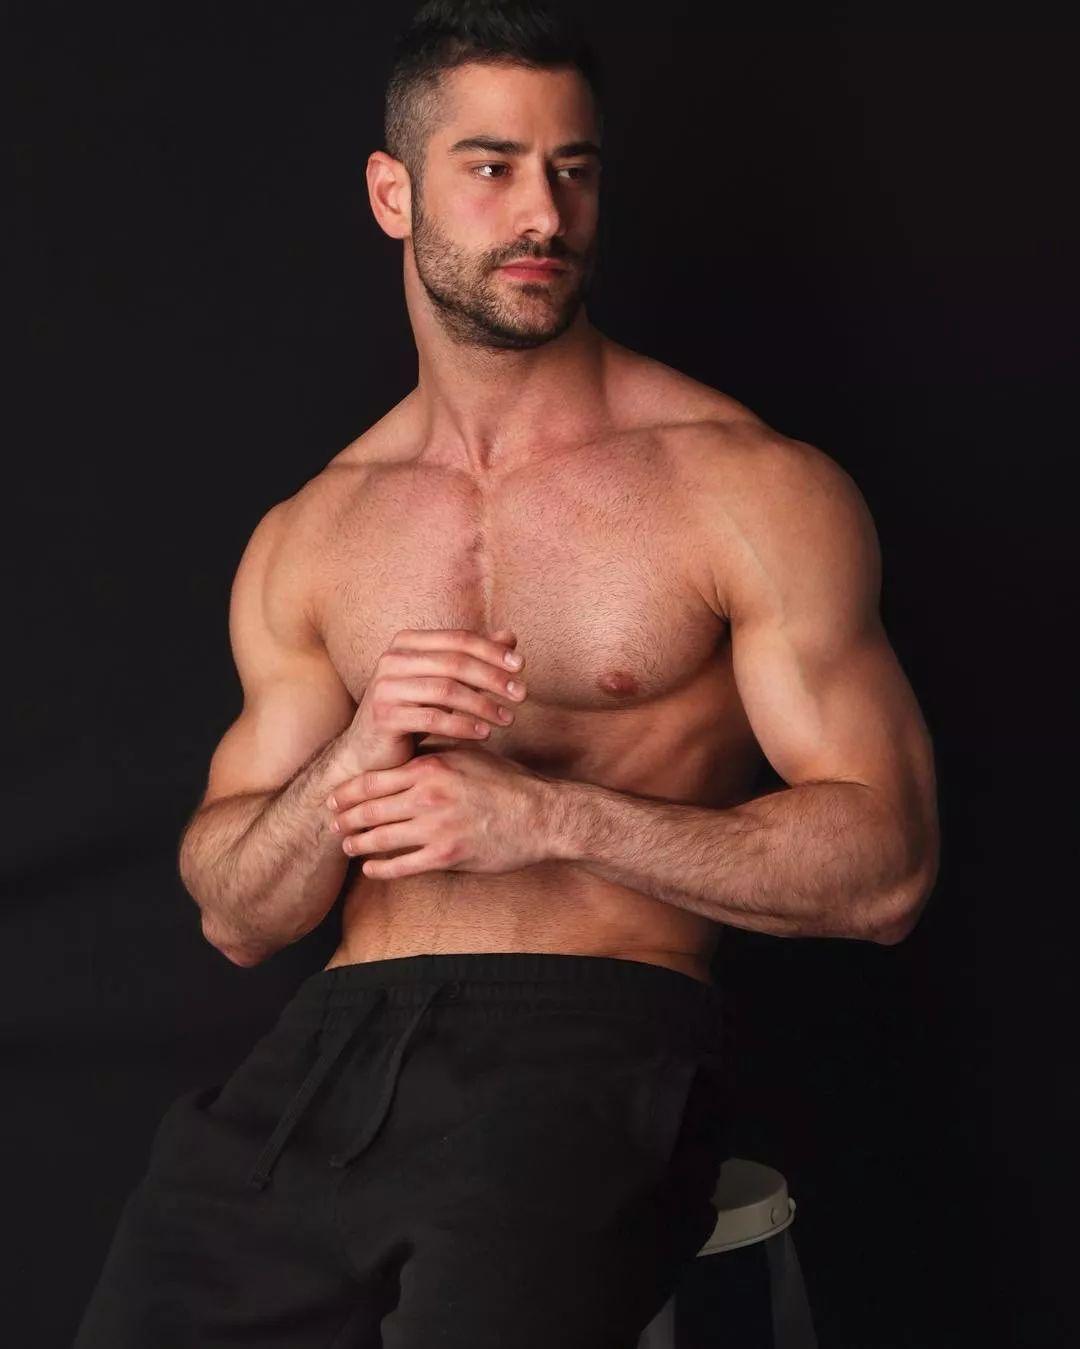 2018082109530657 - 国民老公级别西班牙男模:Jonathan Guijarro